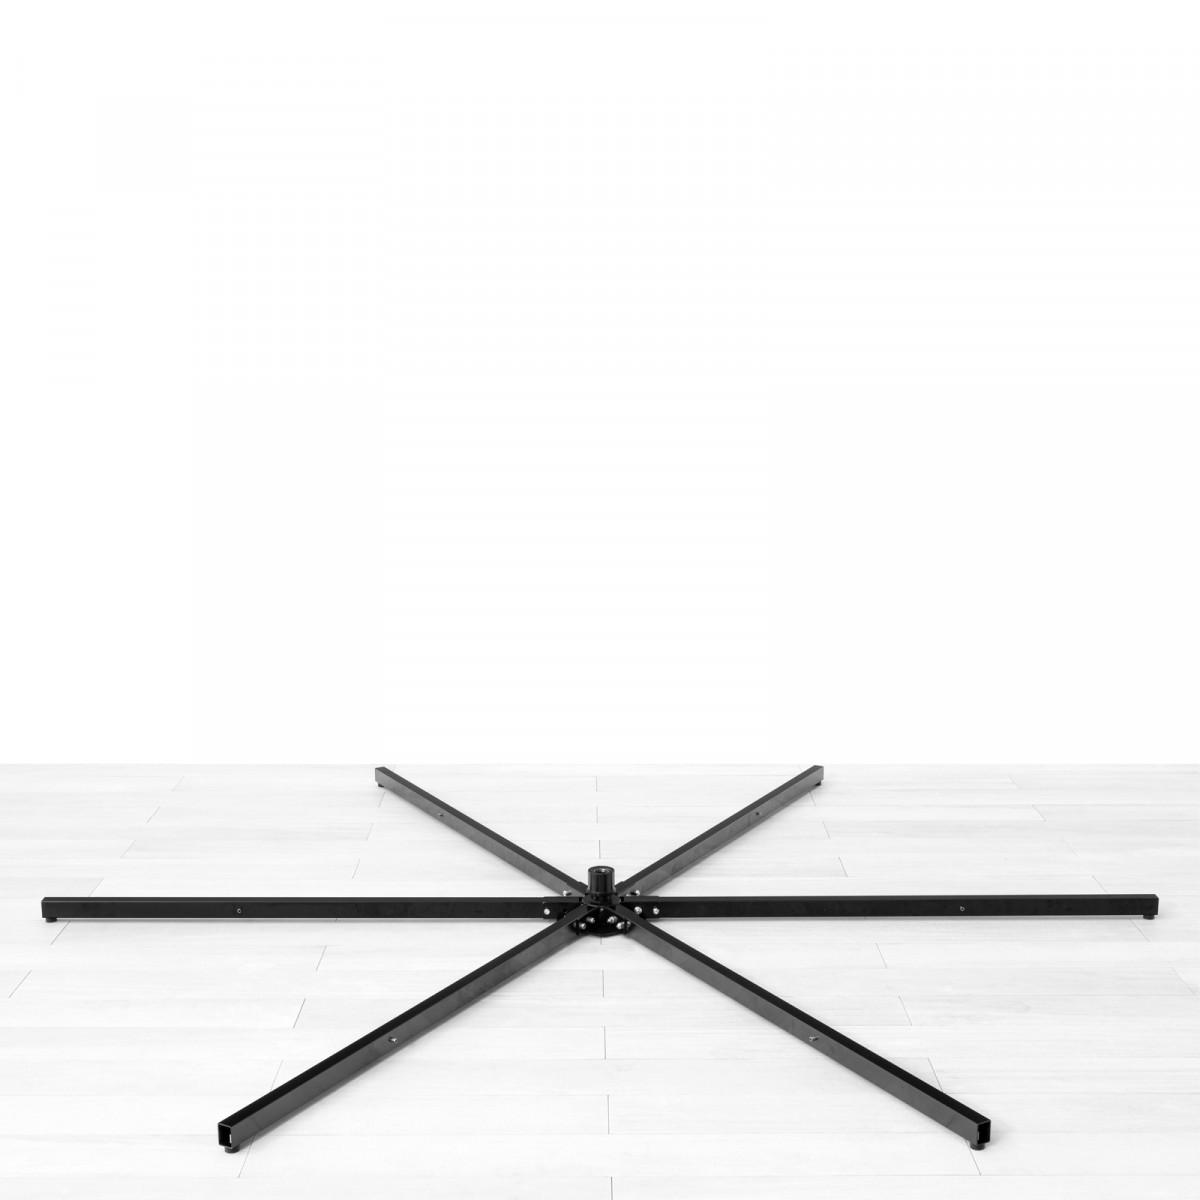 L legs Kit for Pole Hive Podium